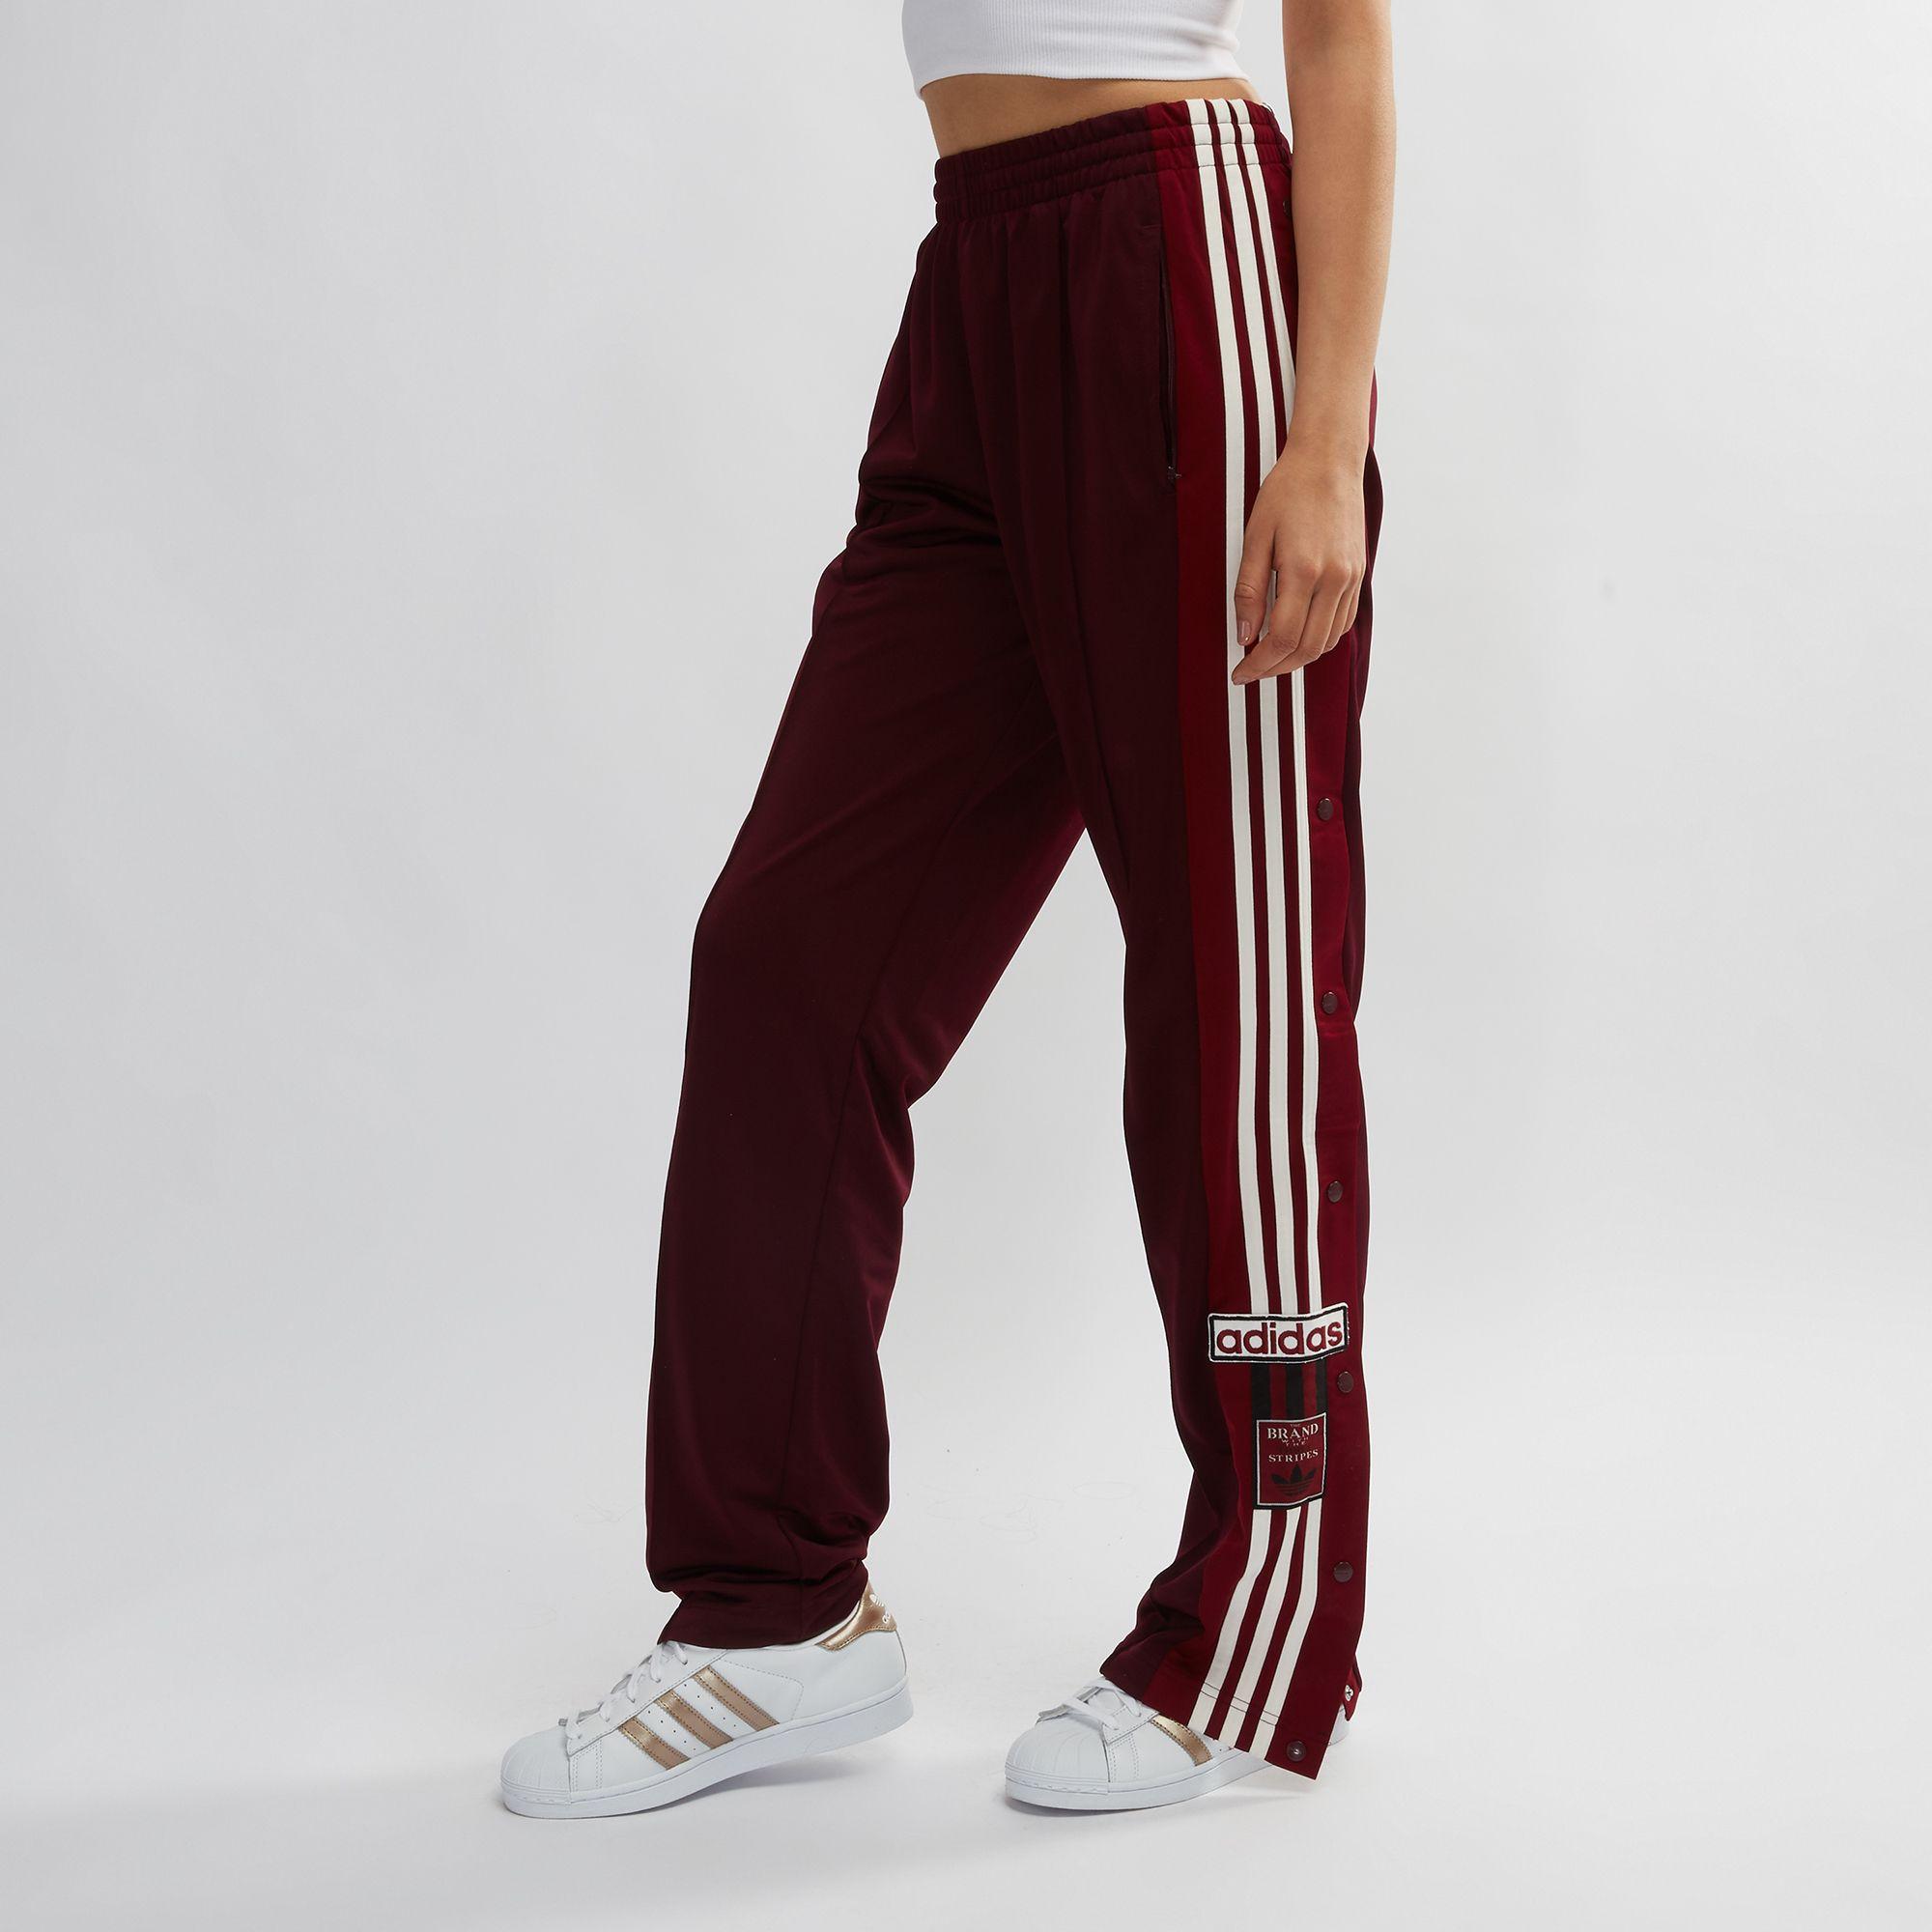 2a1e12fea086e8 Shop Red adidas Originals Adibreak Popper Pants for Womens by adidas ...